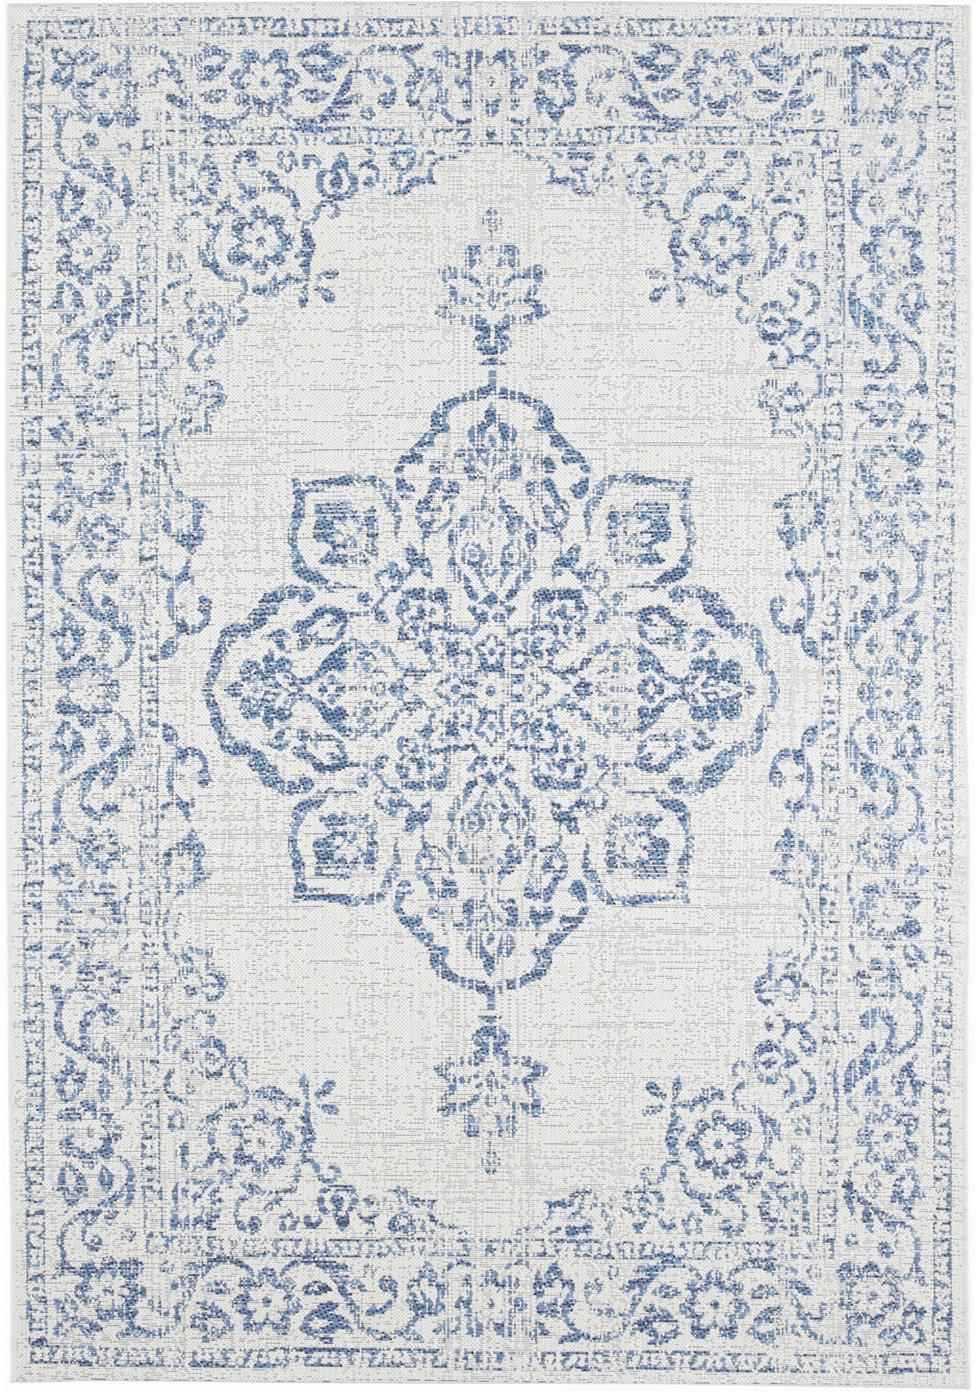 In- & outdoor vloerkleed Navarino blauw in vintage look, 100% polypropyleen, Crèmekleurig, blauw, B 120 x L 170 cm (maat S)